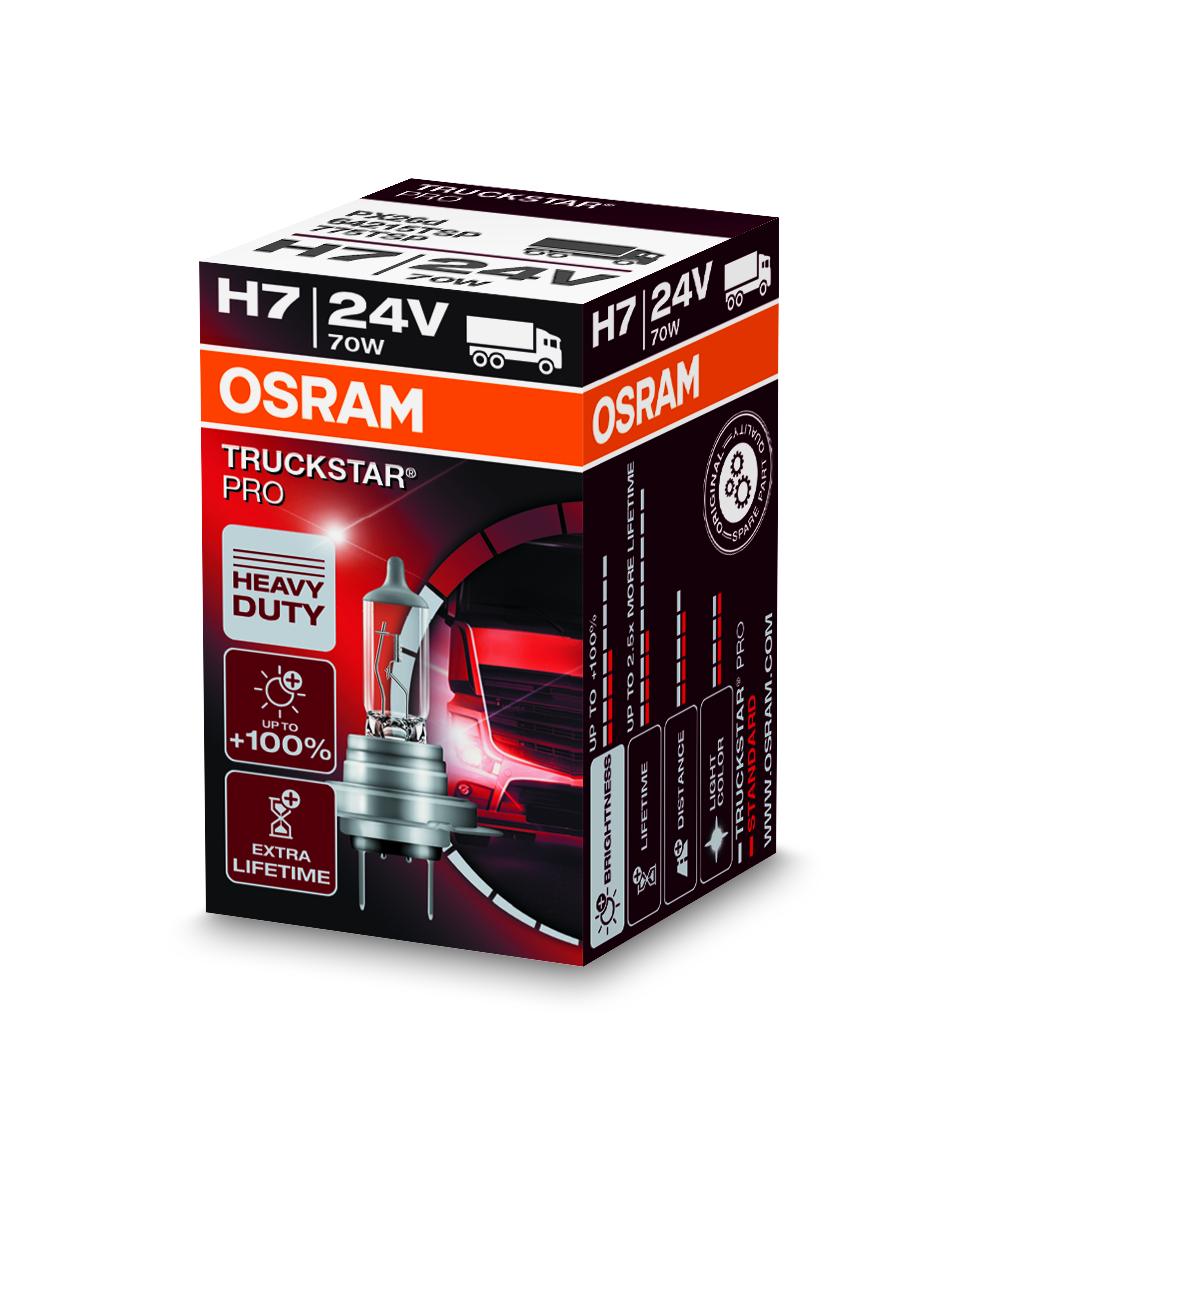 Osram halogenová žárovka, TRUCKSTAR PRO, H7, Px26d, 24V, 70W, 64215TSP